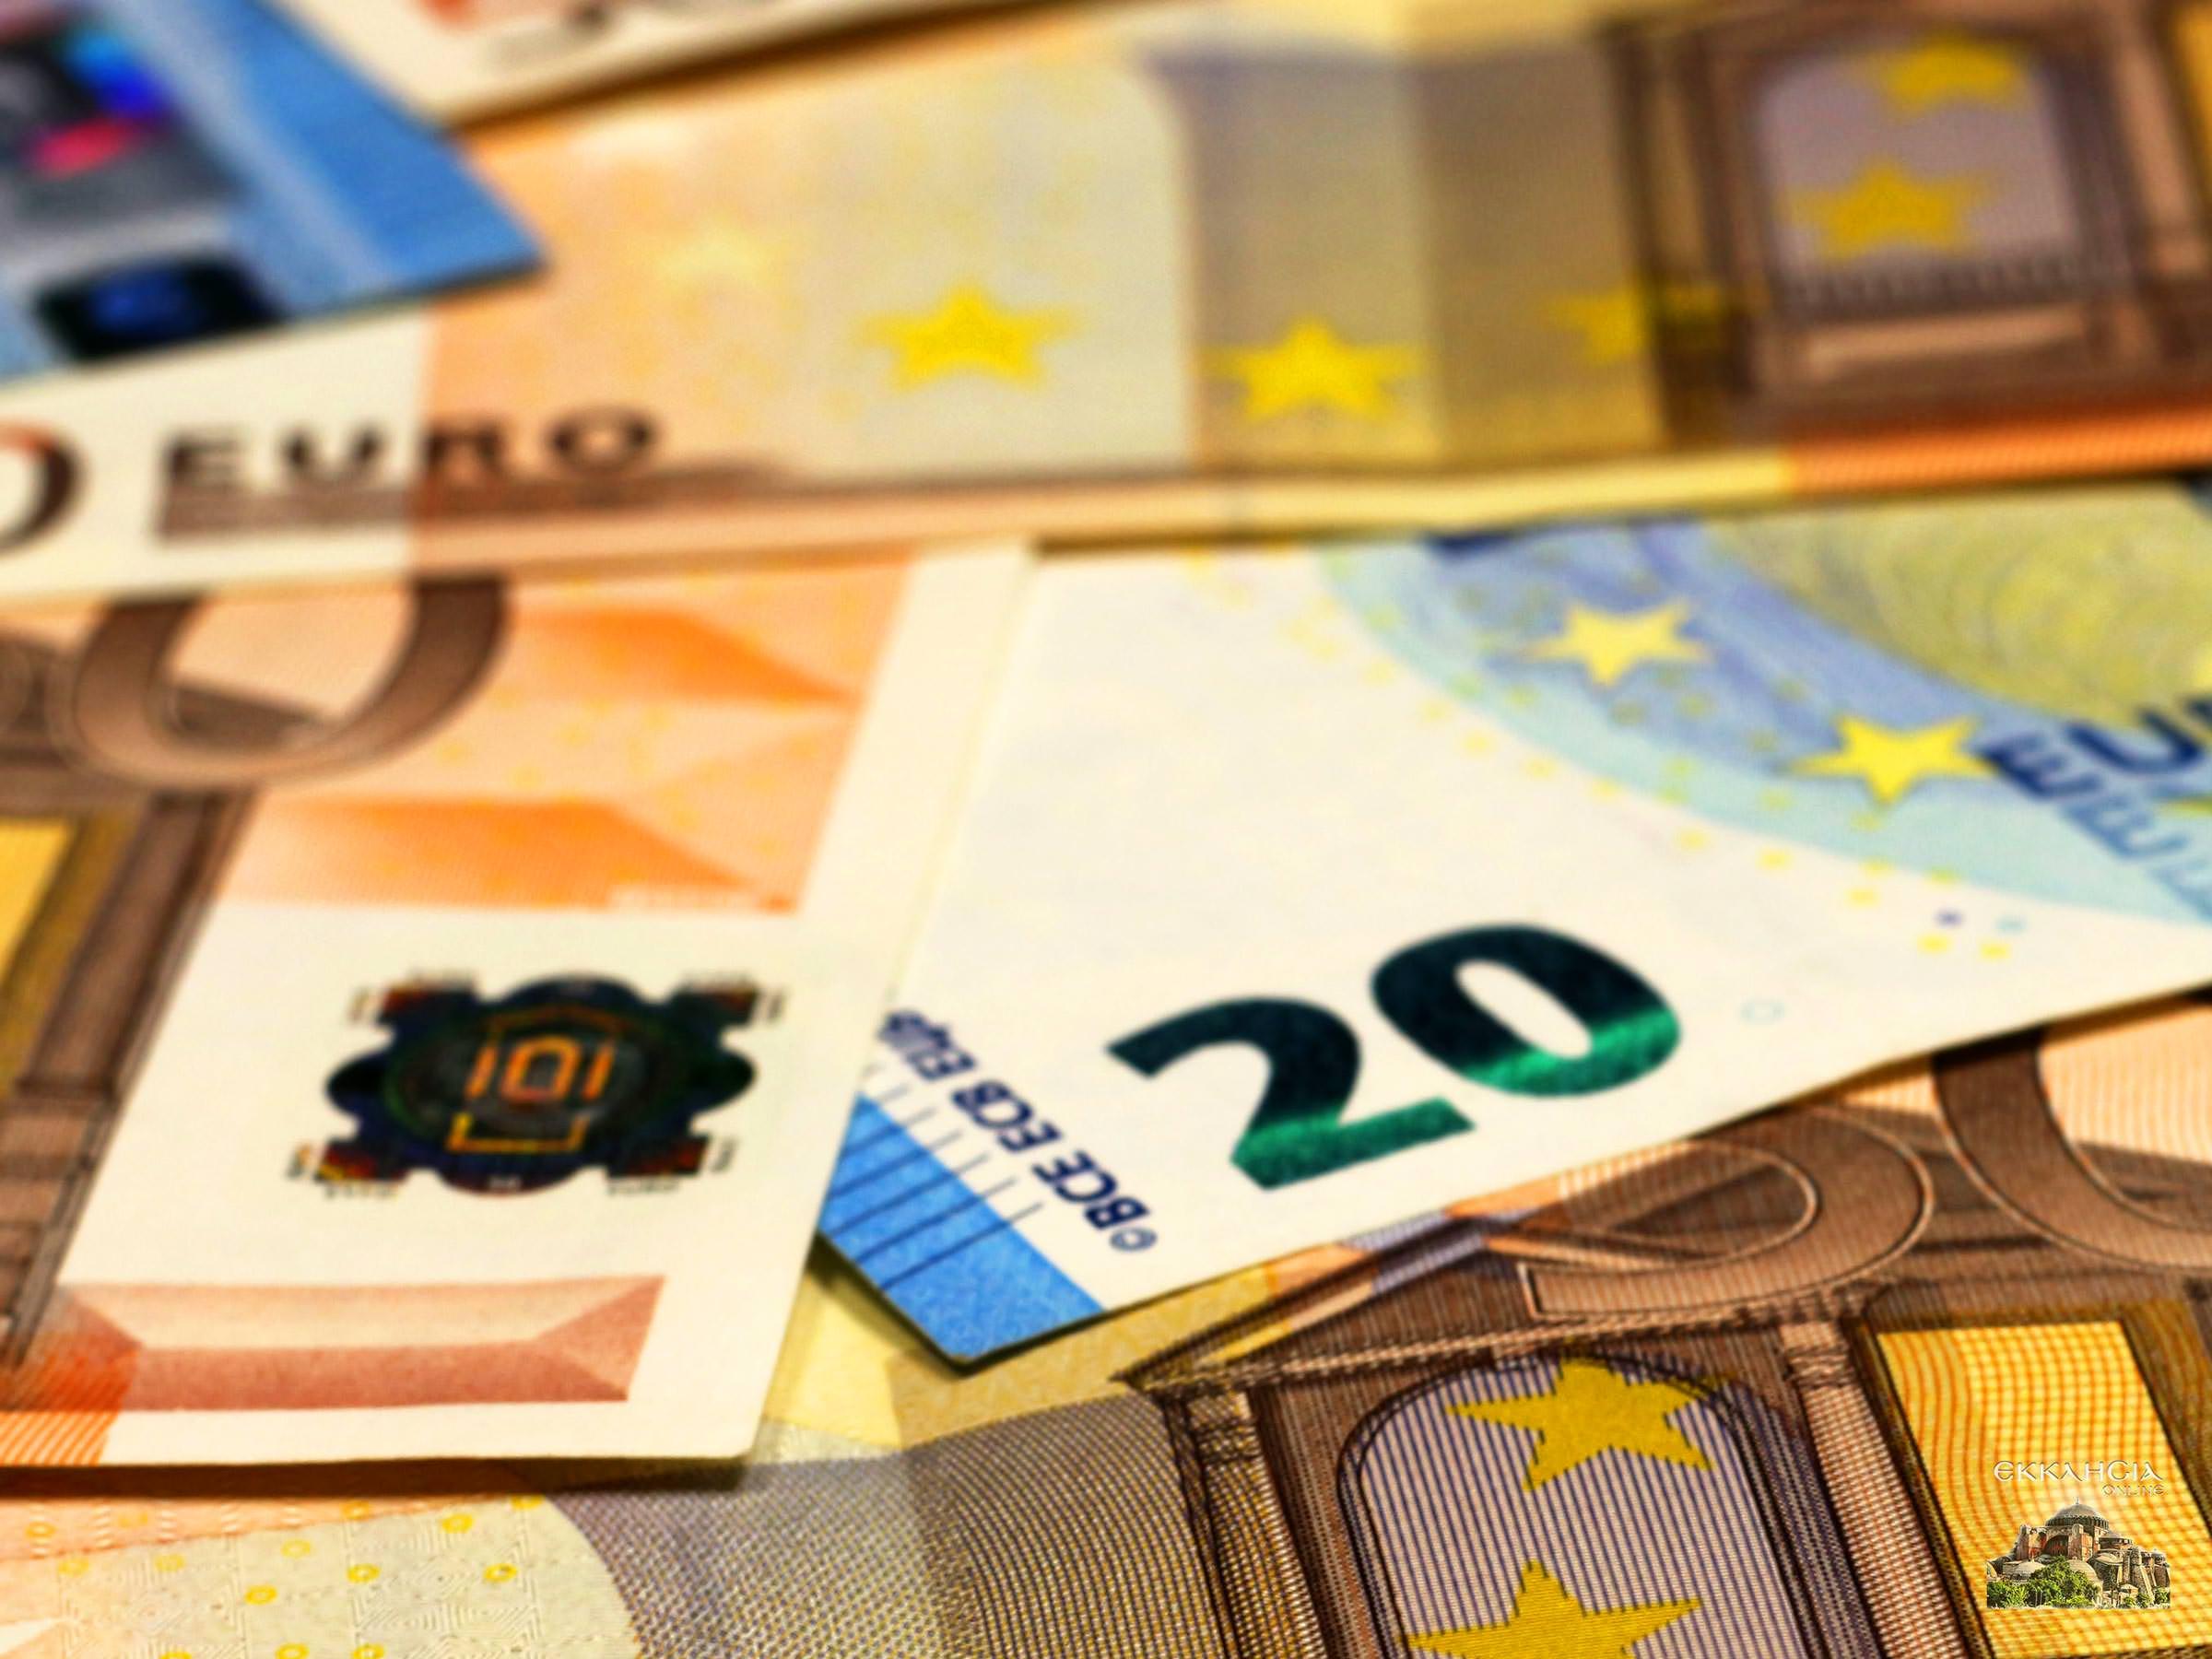 επιδόματα πληρωμές 2020 2021